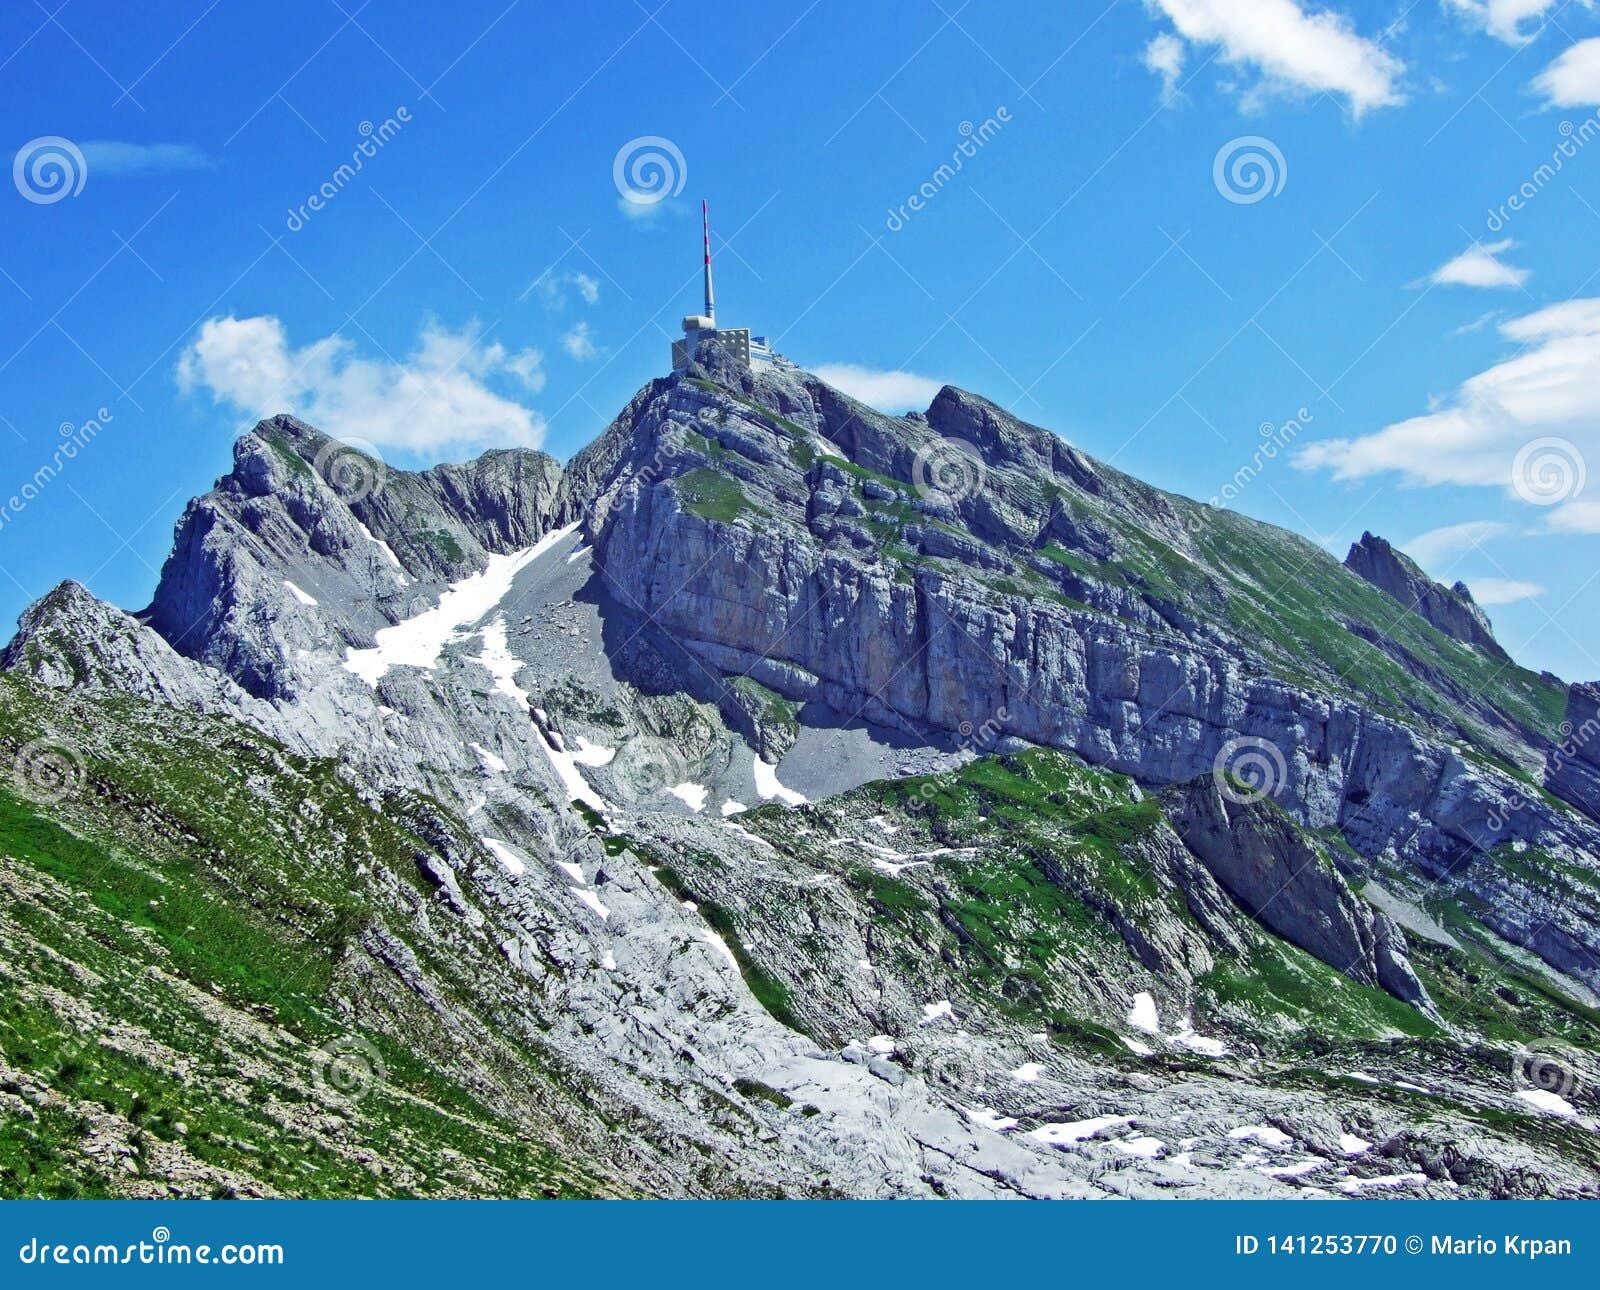 Красивый и доминантный высокогорный пик Säntis в горной цепи Alpstein